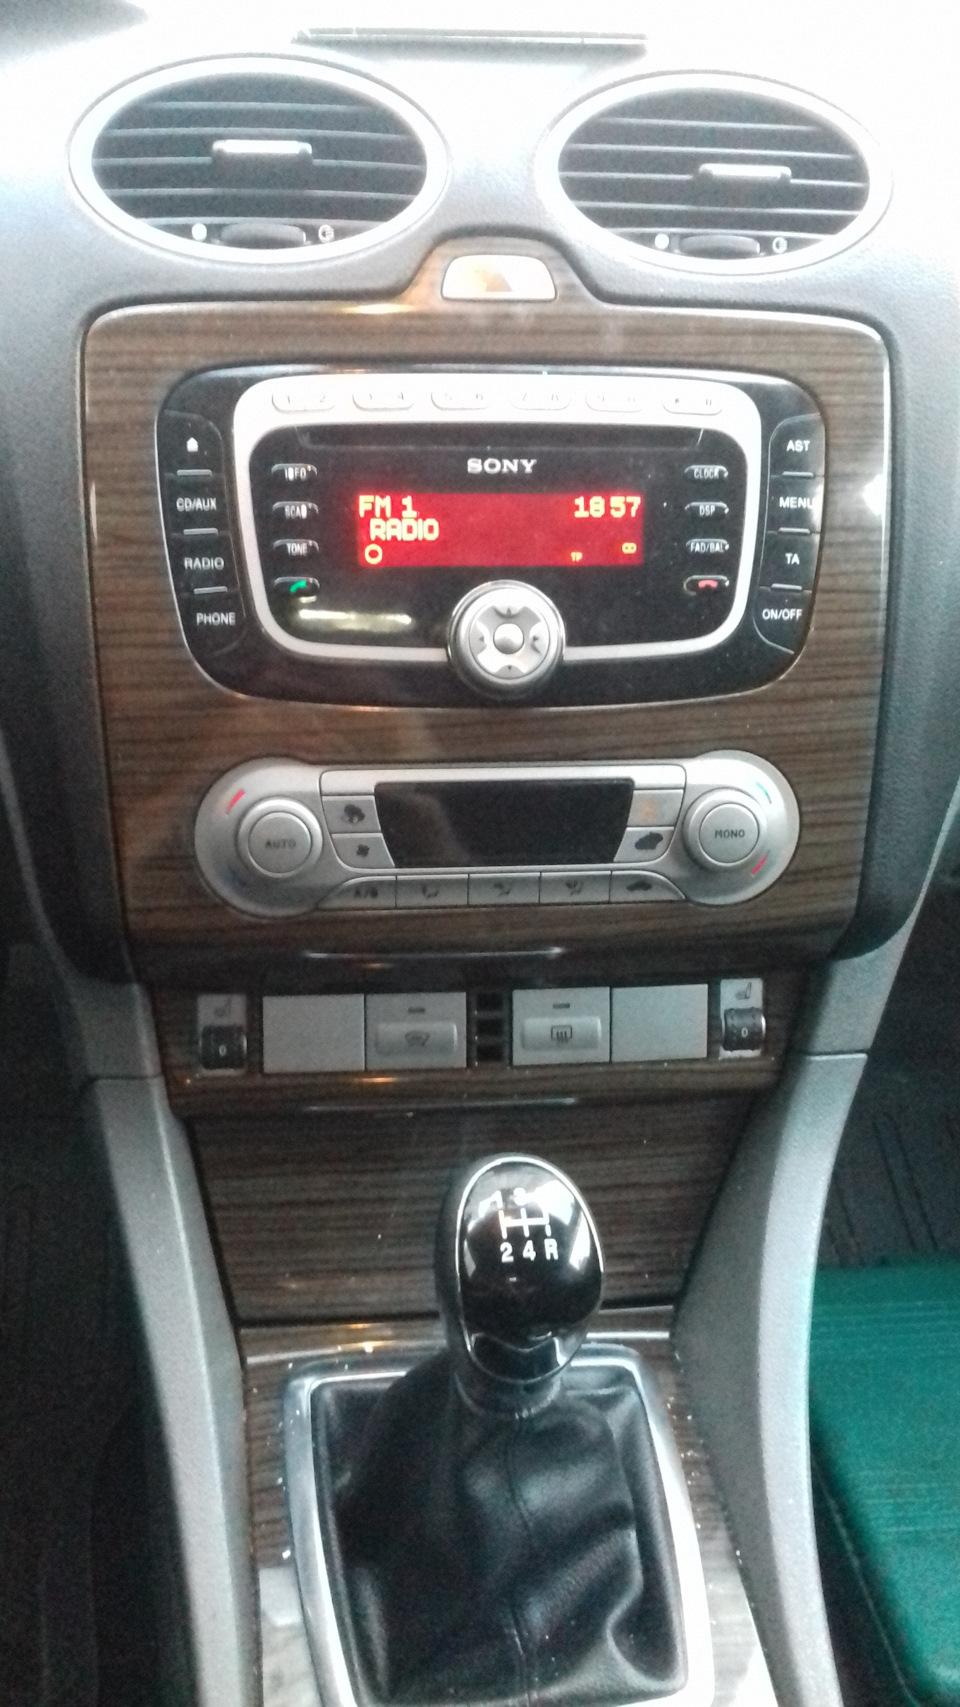 318b54es 960 - Центральная консоль форд фокус 2 рестайлинг